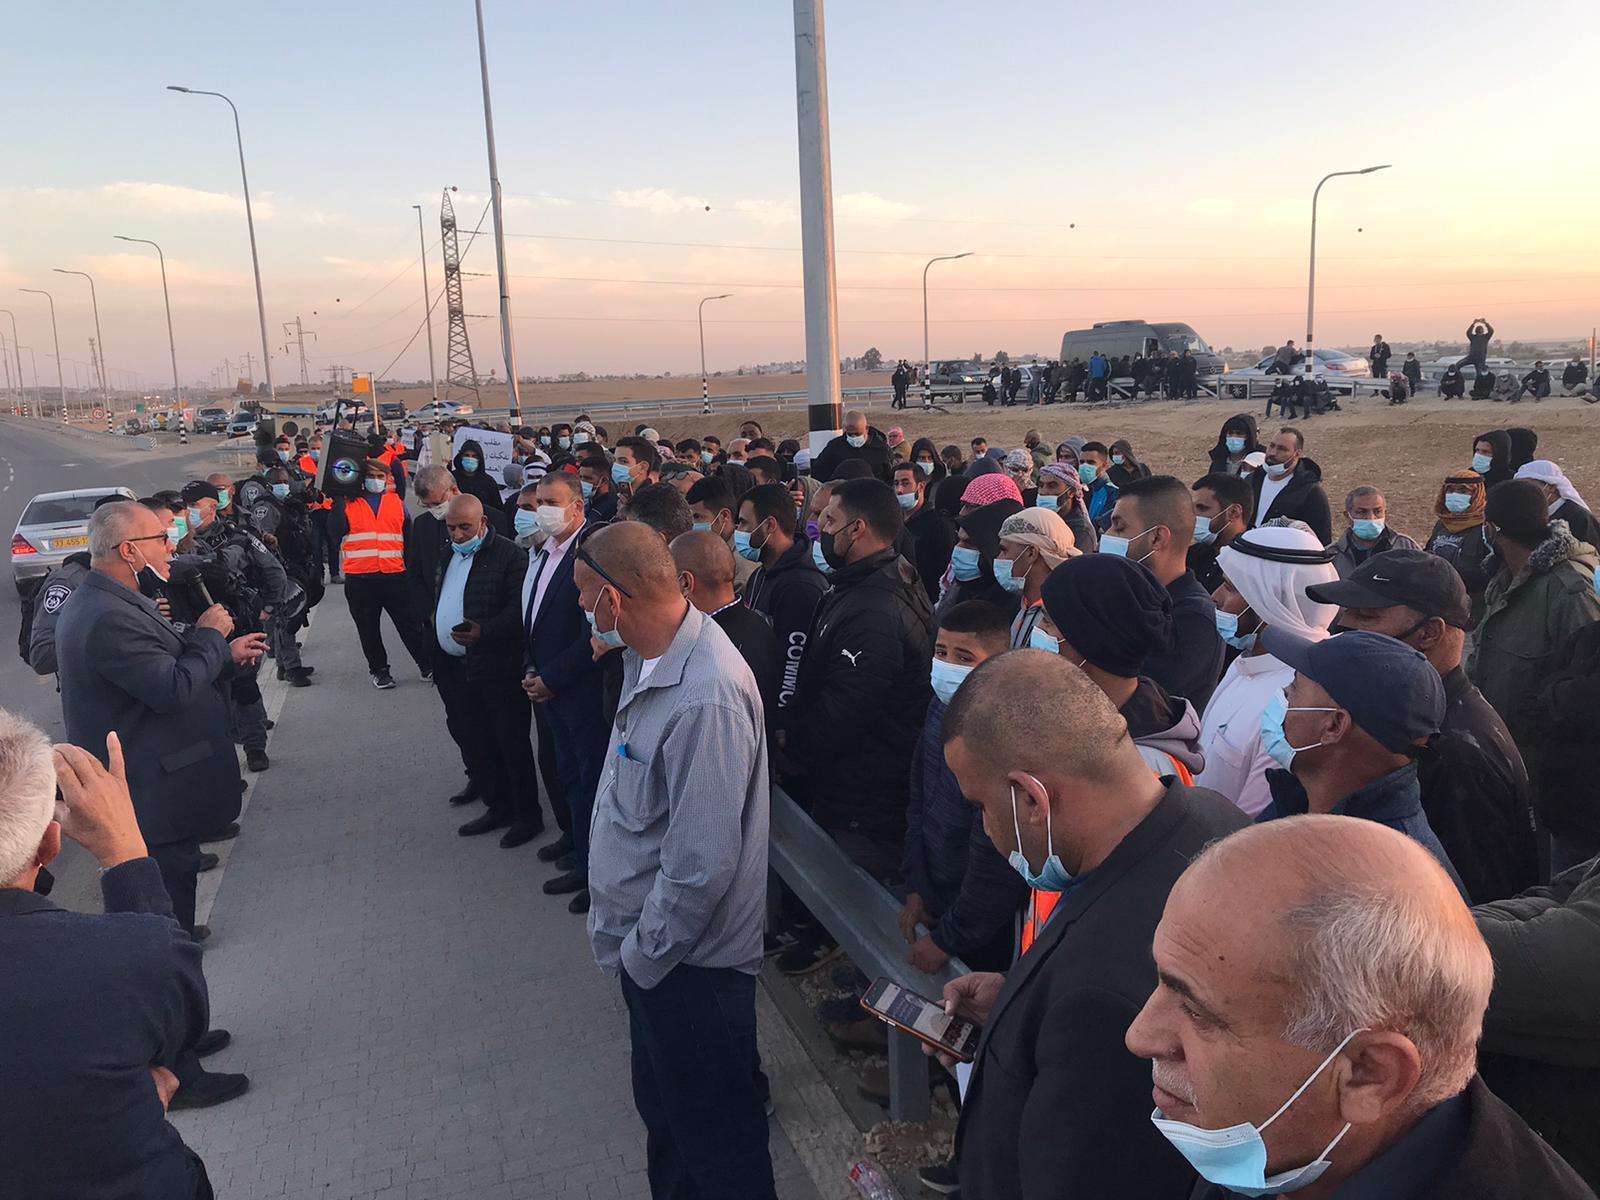 وقفات احتجاجية حاشدة ضد سياسة الهدم والمصادرة في النقب